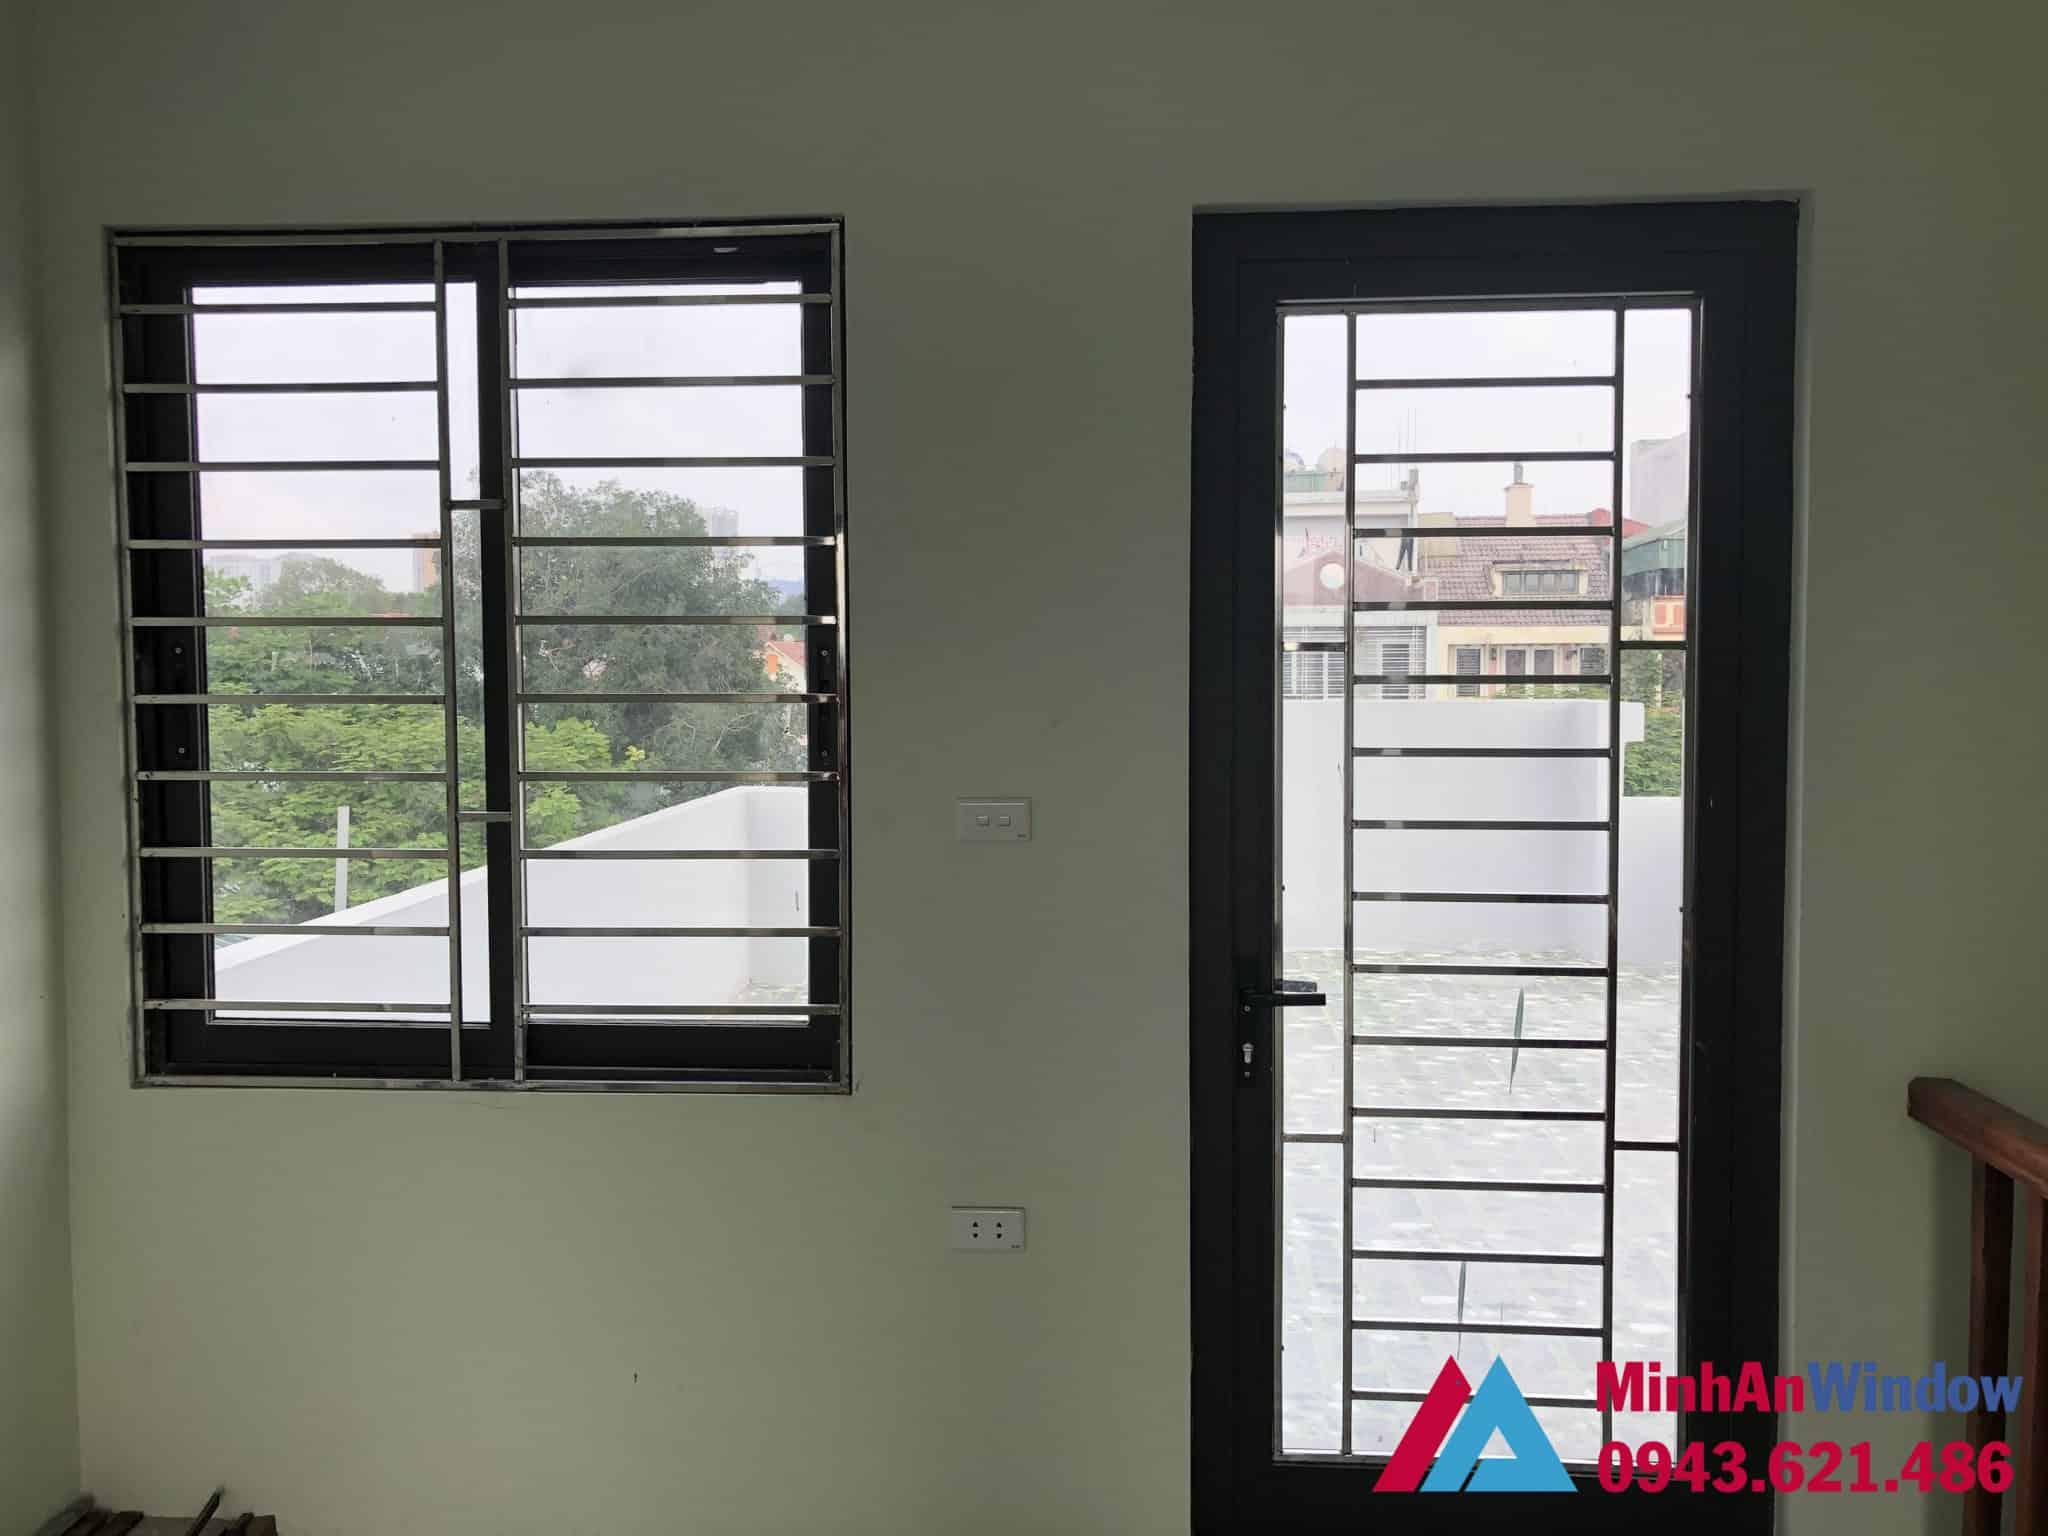 Mẫu cửa sổ và cửa đi nhôm kính Minh An Window lắp đặt tại huyện Mê Linh - Hà Nội